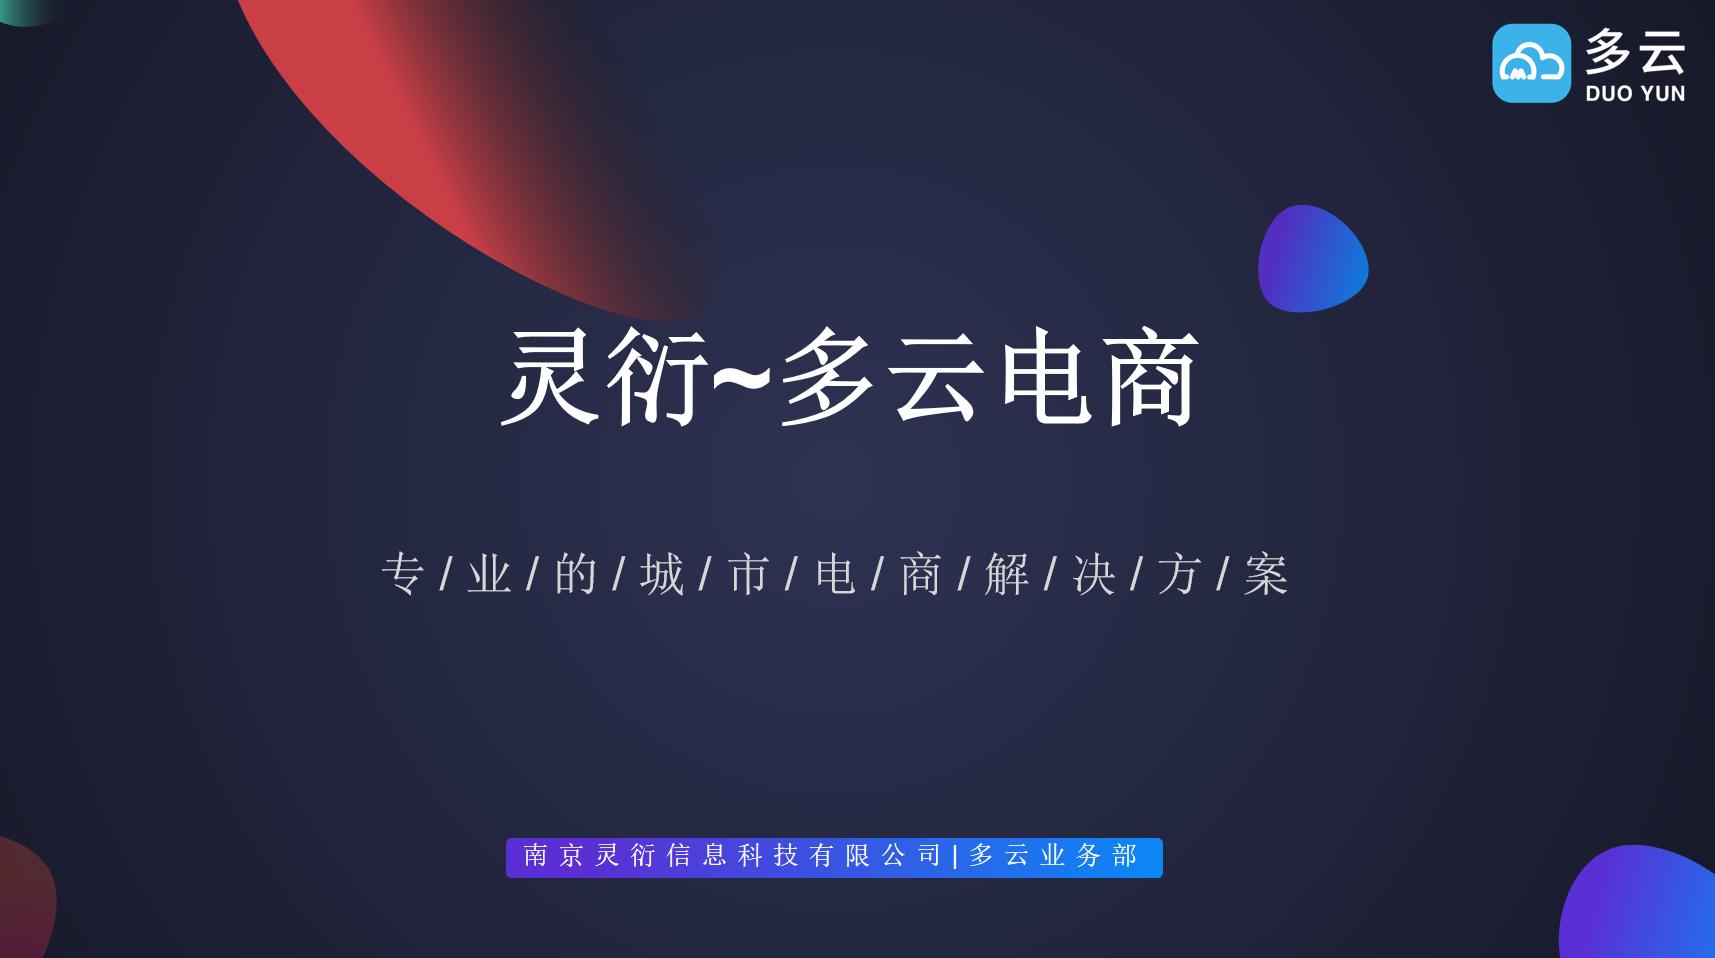 多云电商  区域生活电商综合服务平台